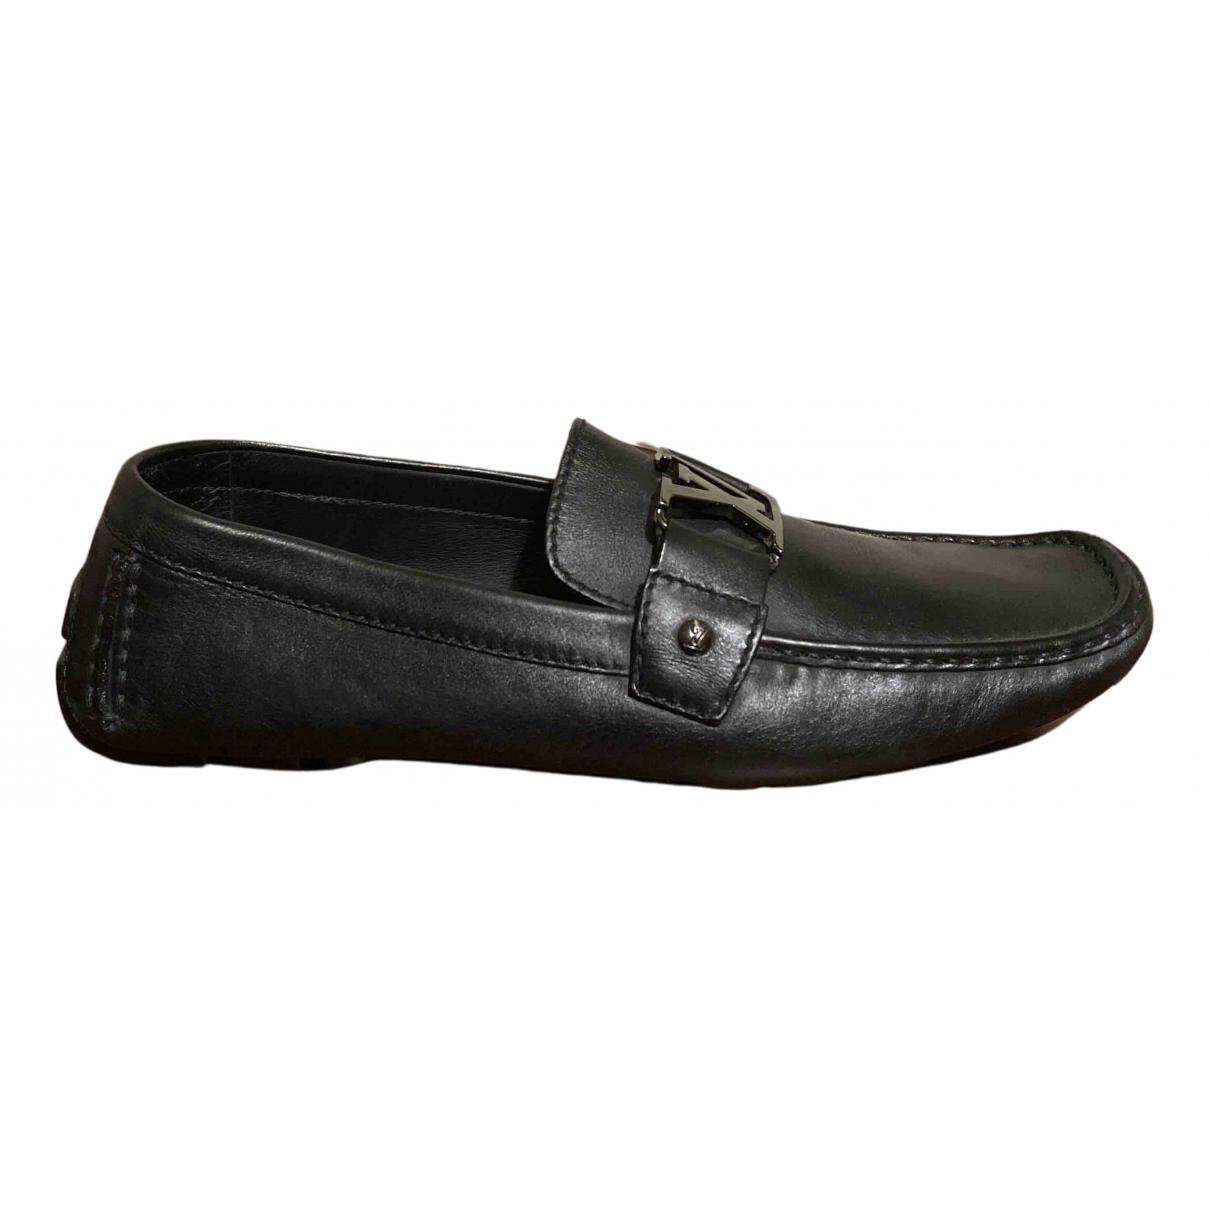 Louis Vuitton - Mocassins Monte Carlo pour homme en cuir - noir